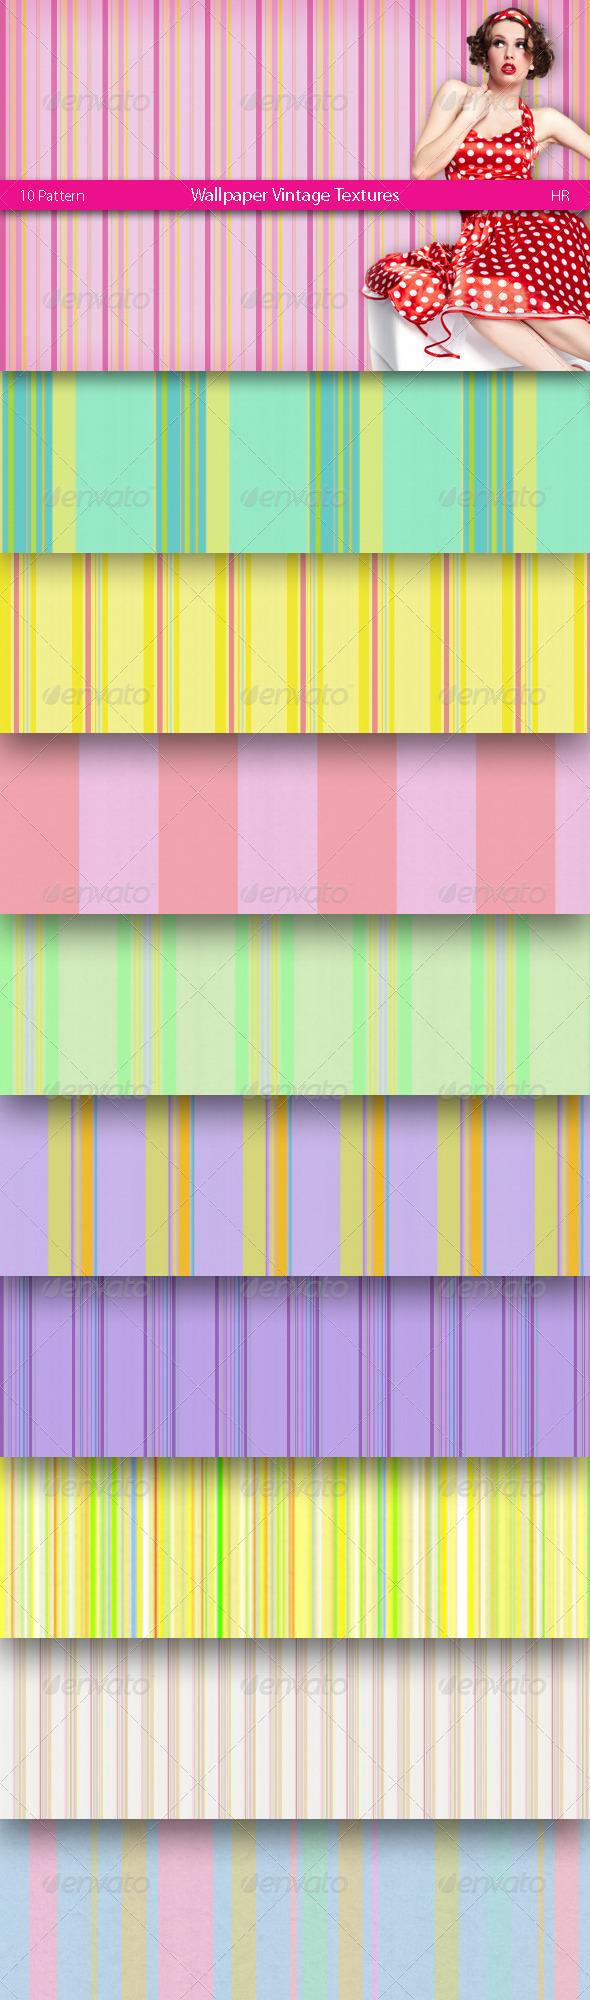 3DOcean Wallpaper Vintage Textures 4974305